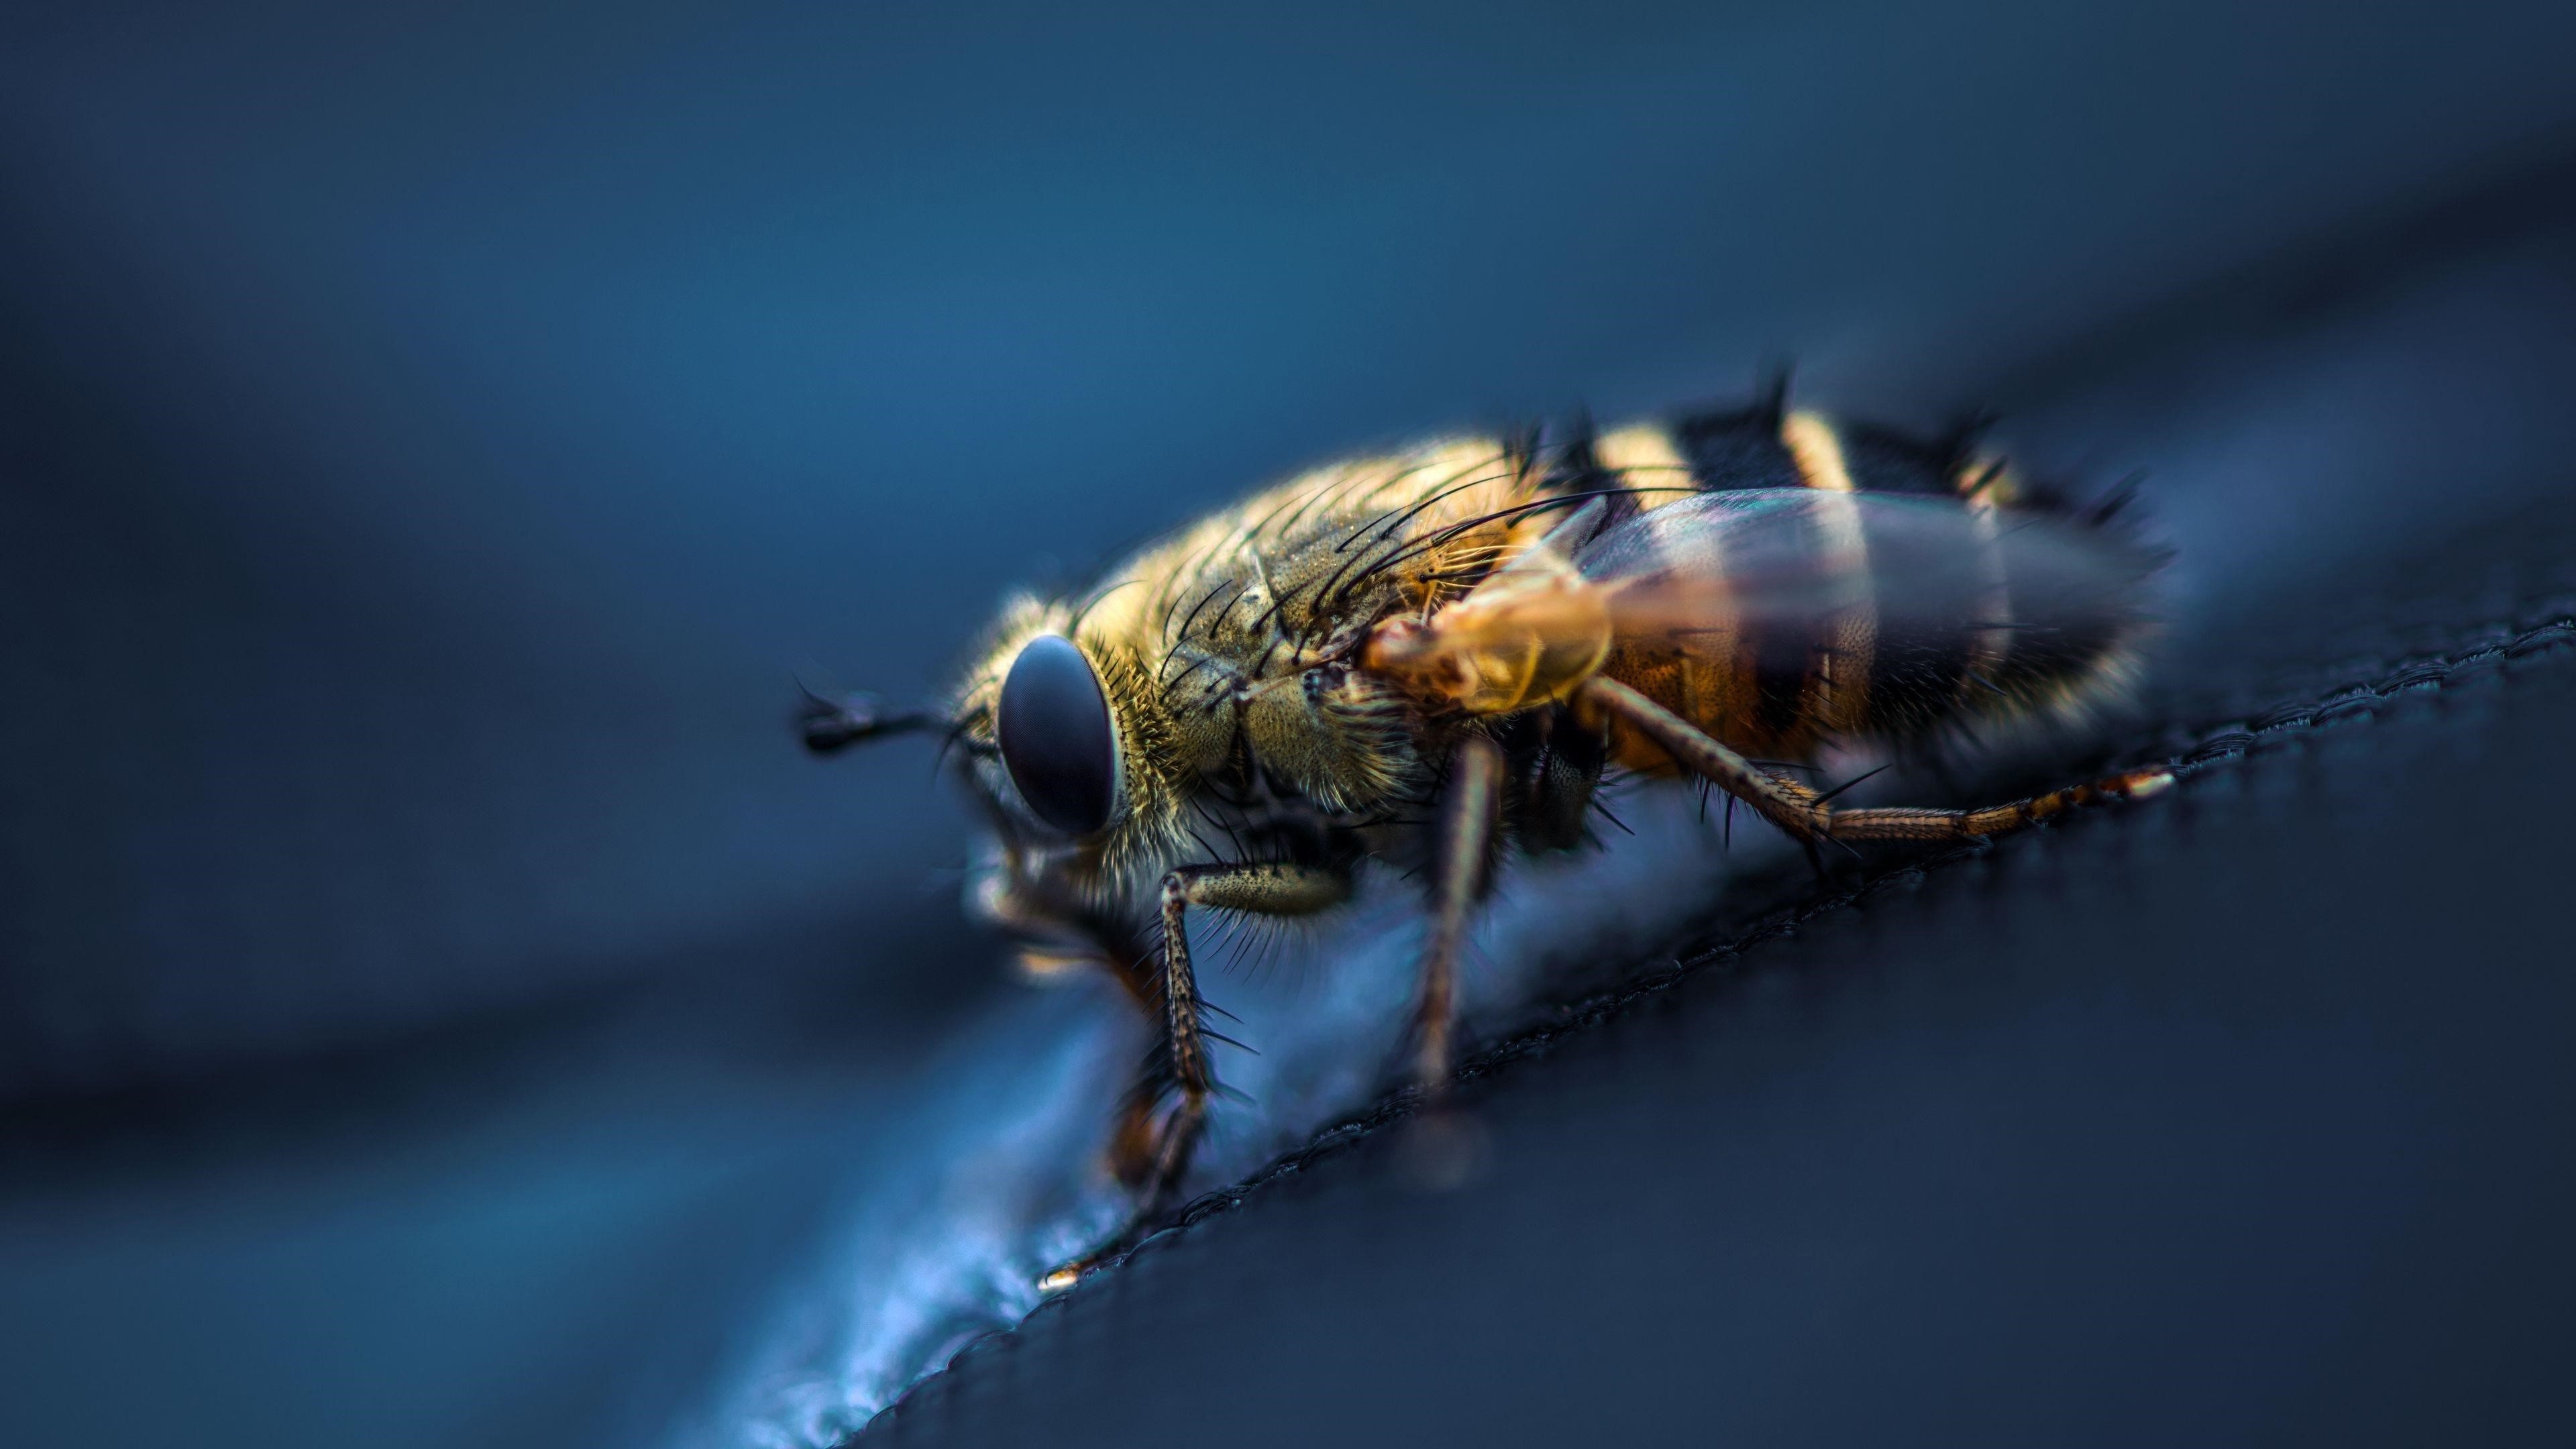 Муха насекомое макро глаза крылья обои скачать